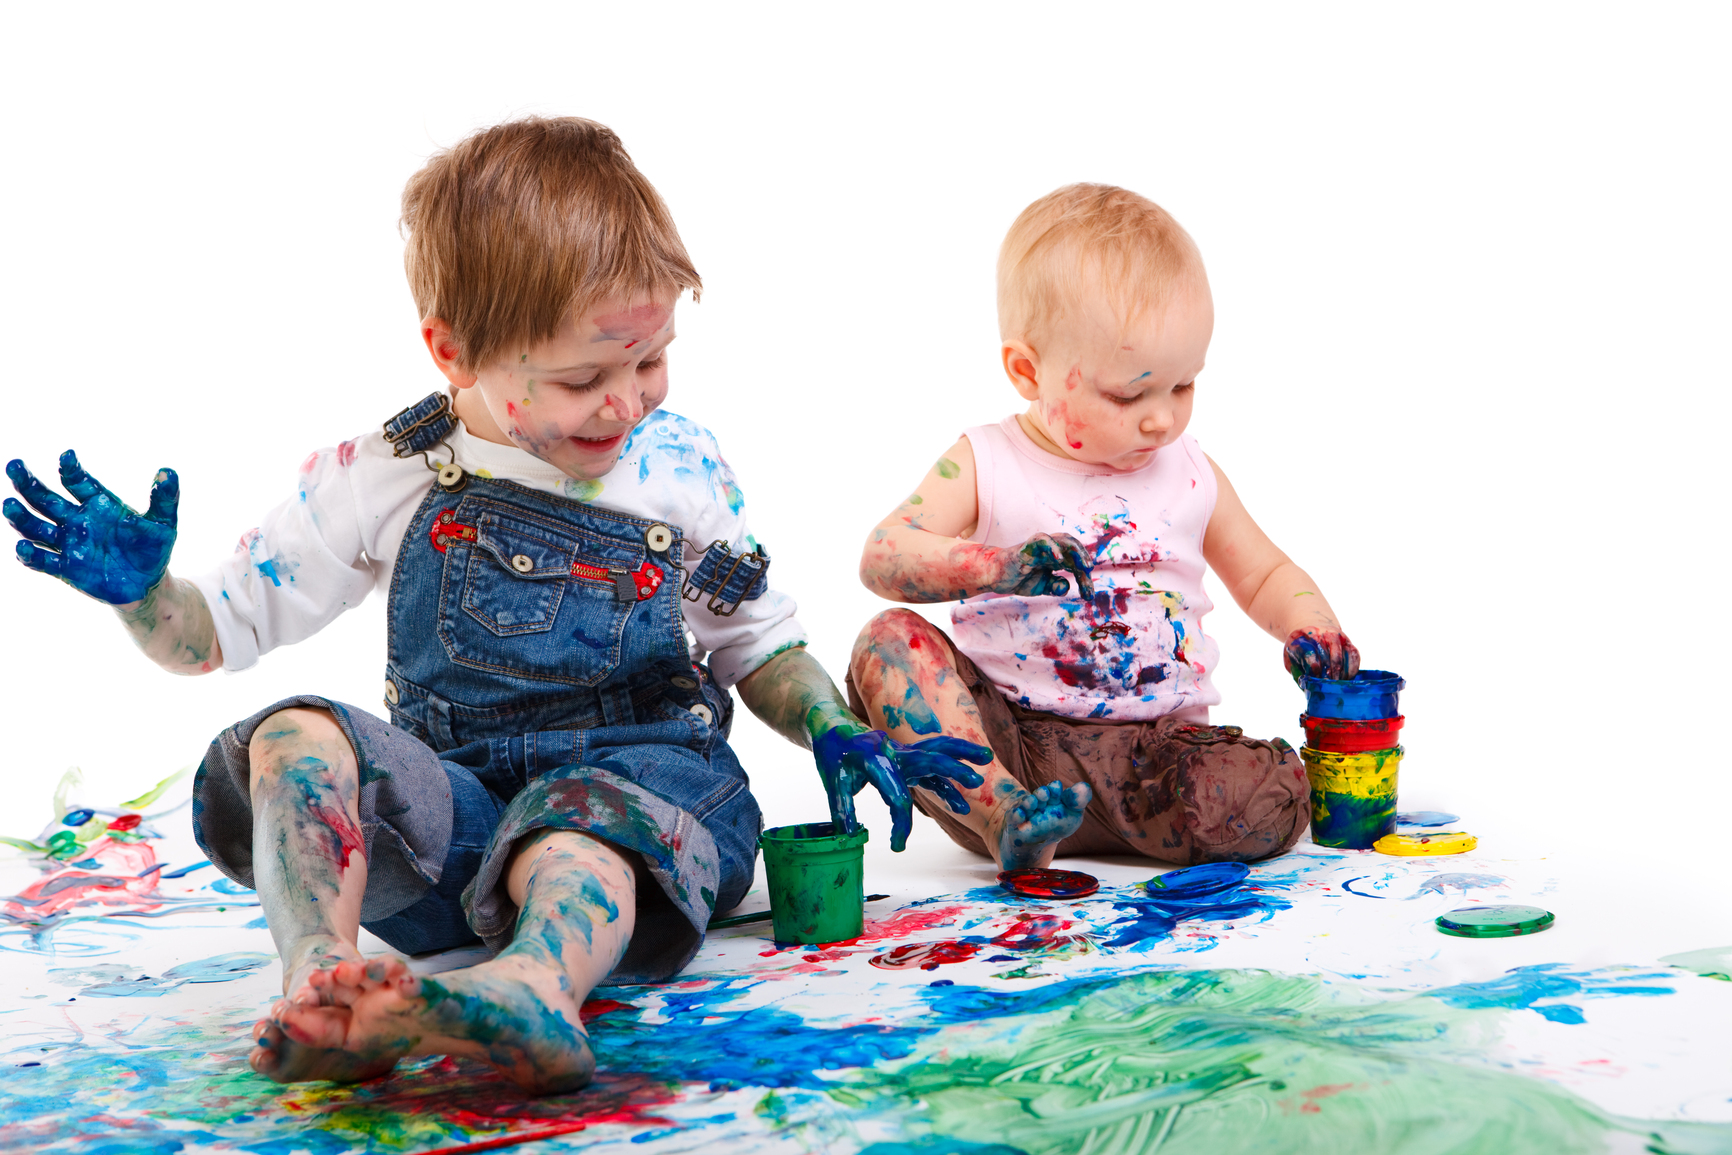 Los beneficios de la pintura para los niños - Pekelandia